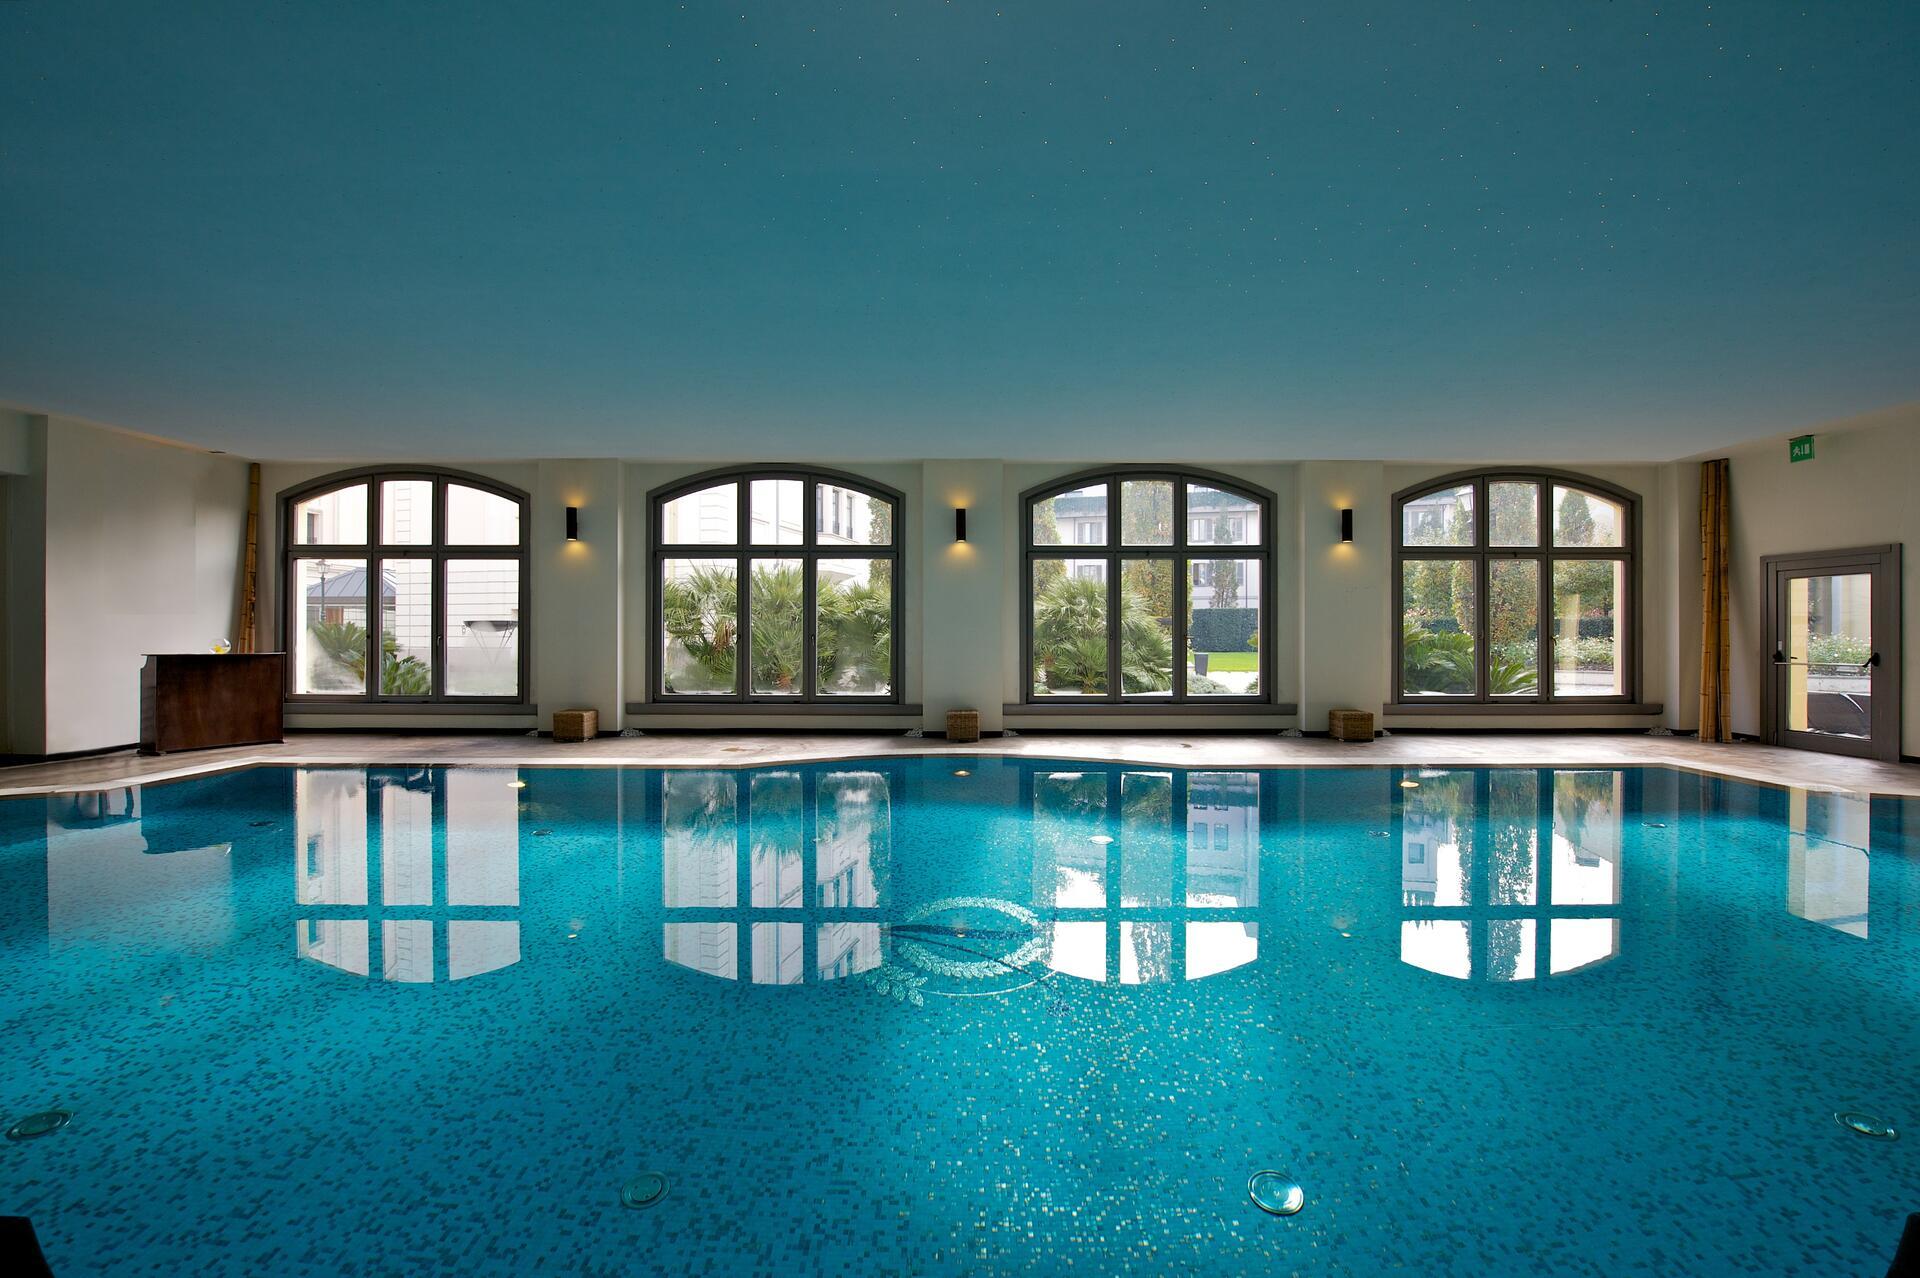 Pool at Grand Visconti Palace in Milan